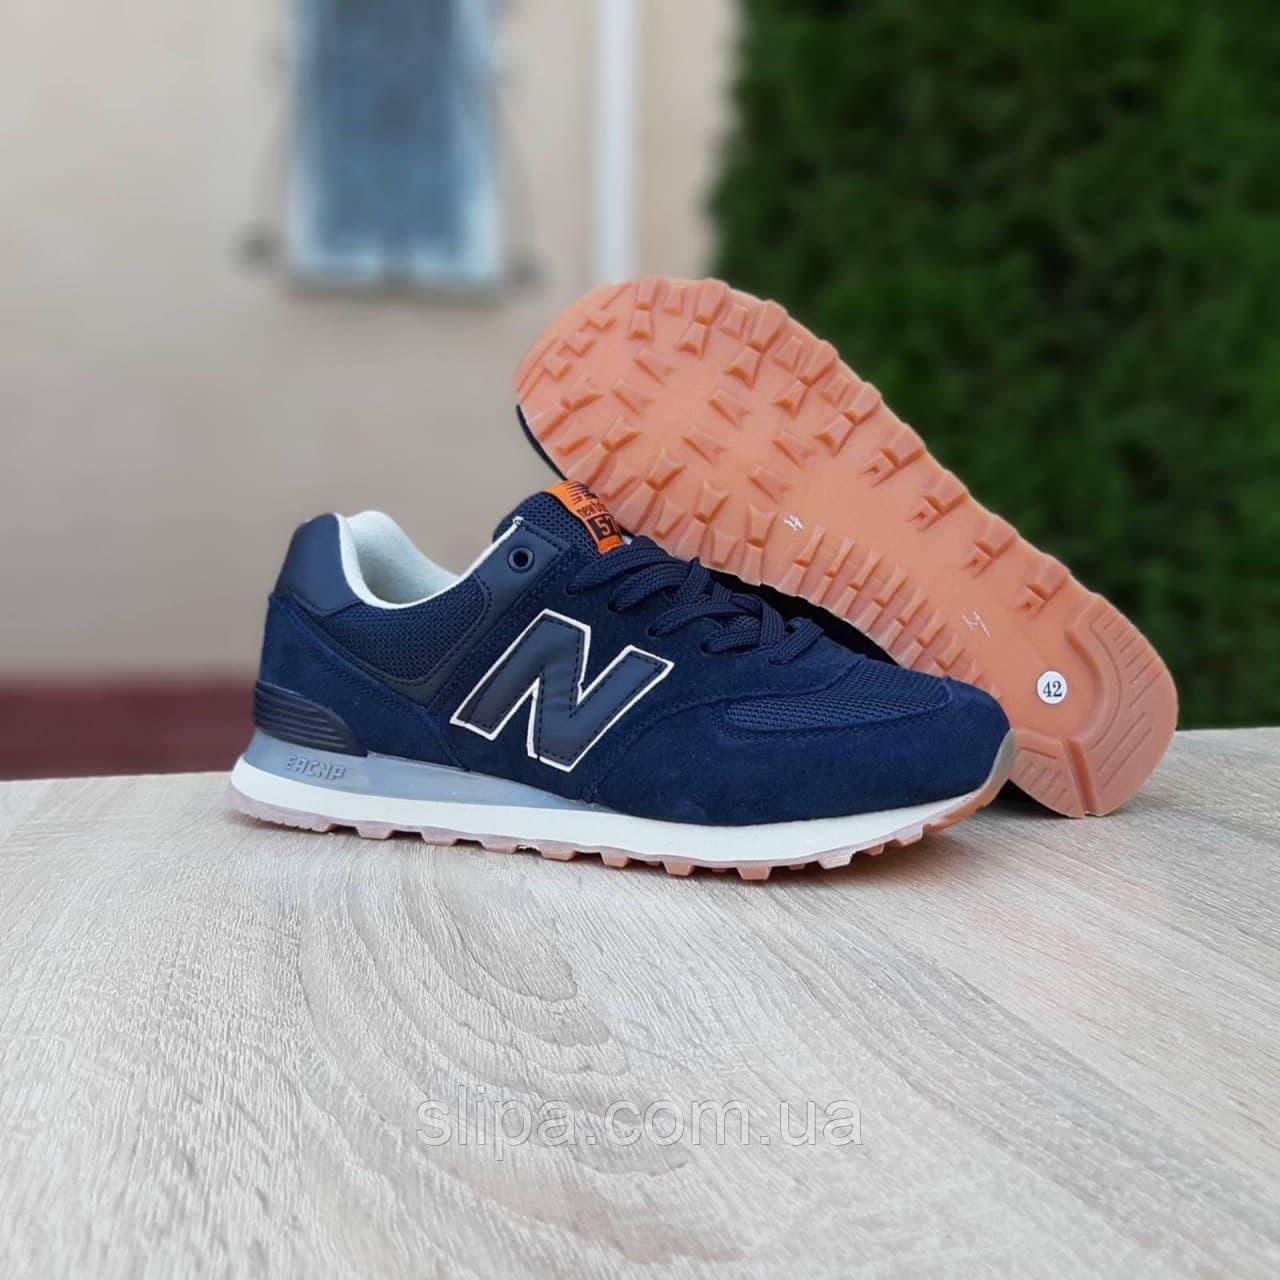 Мужские замшевые кроссовки в стиле New Balance 574 синие